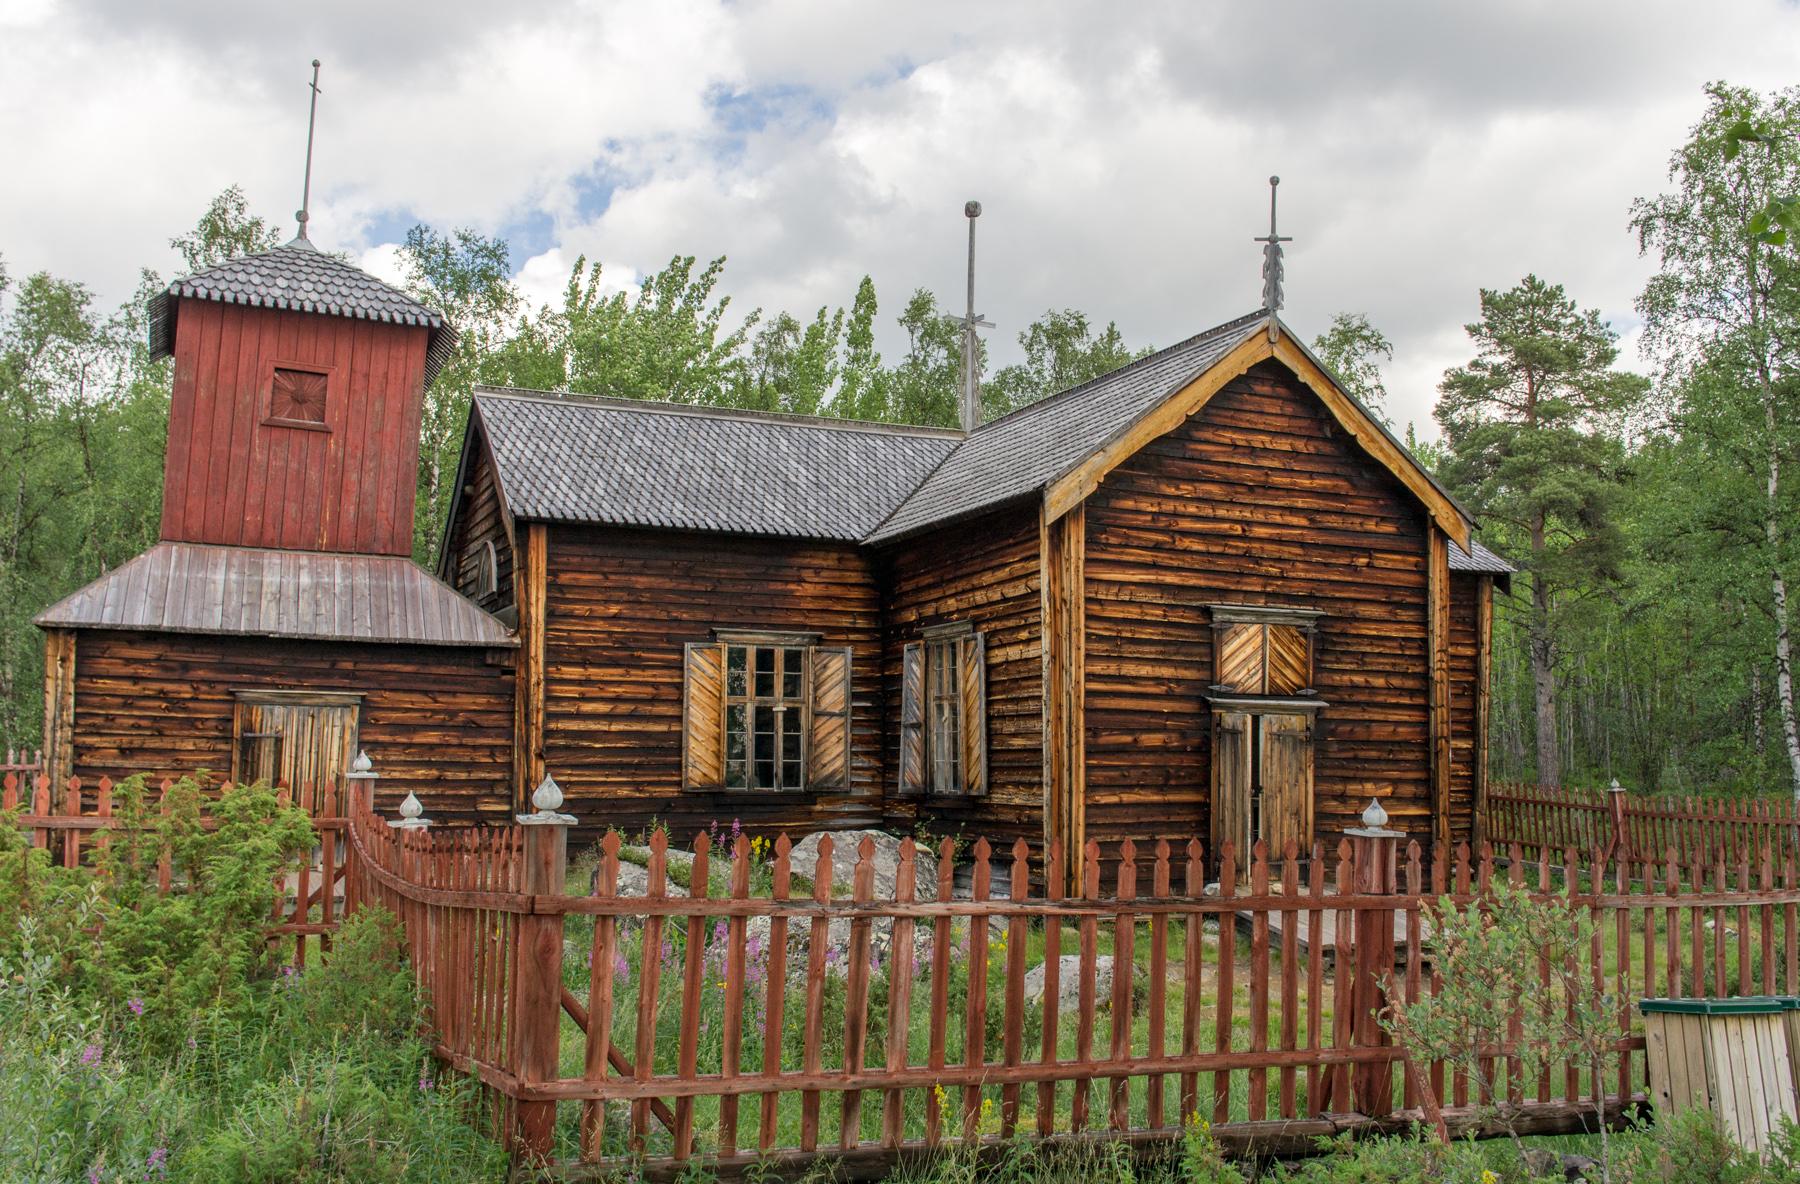 Wilderness Church - Flickr Link